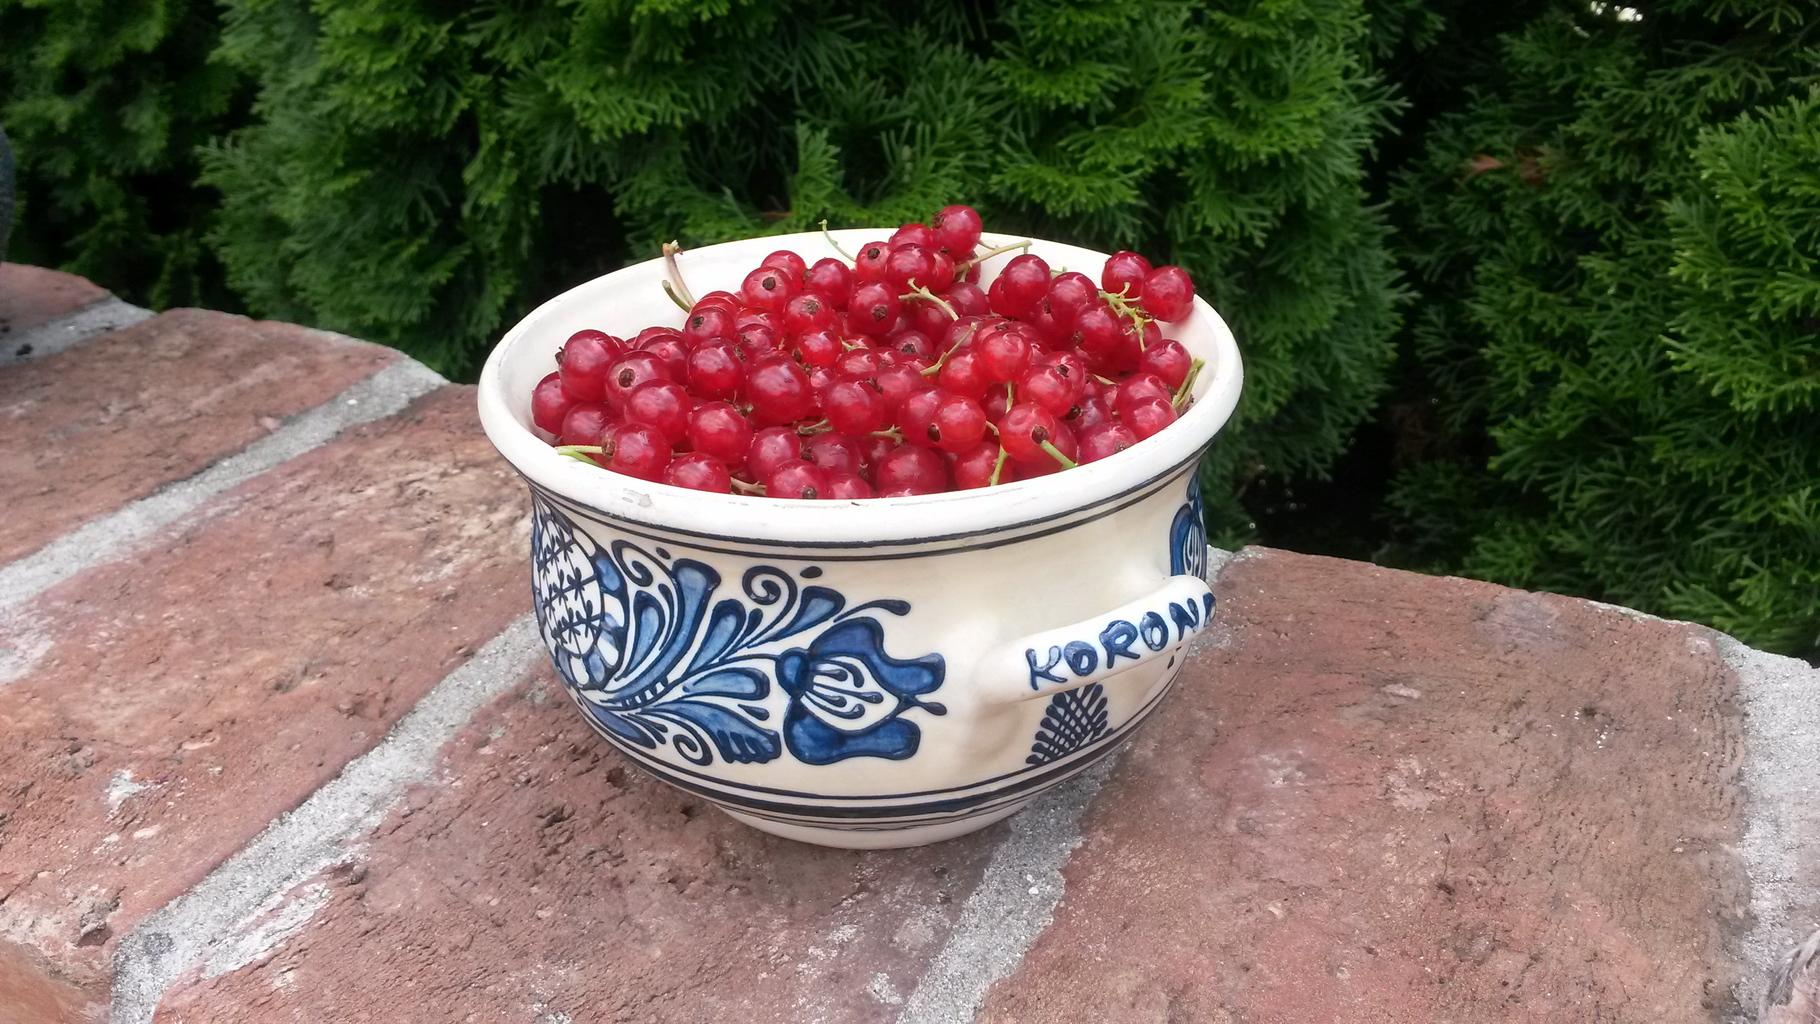 Frissen a kertből: piros ribizli